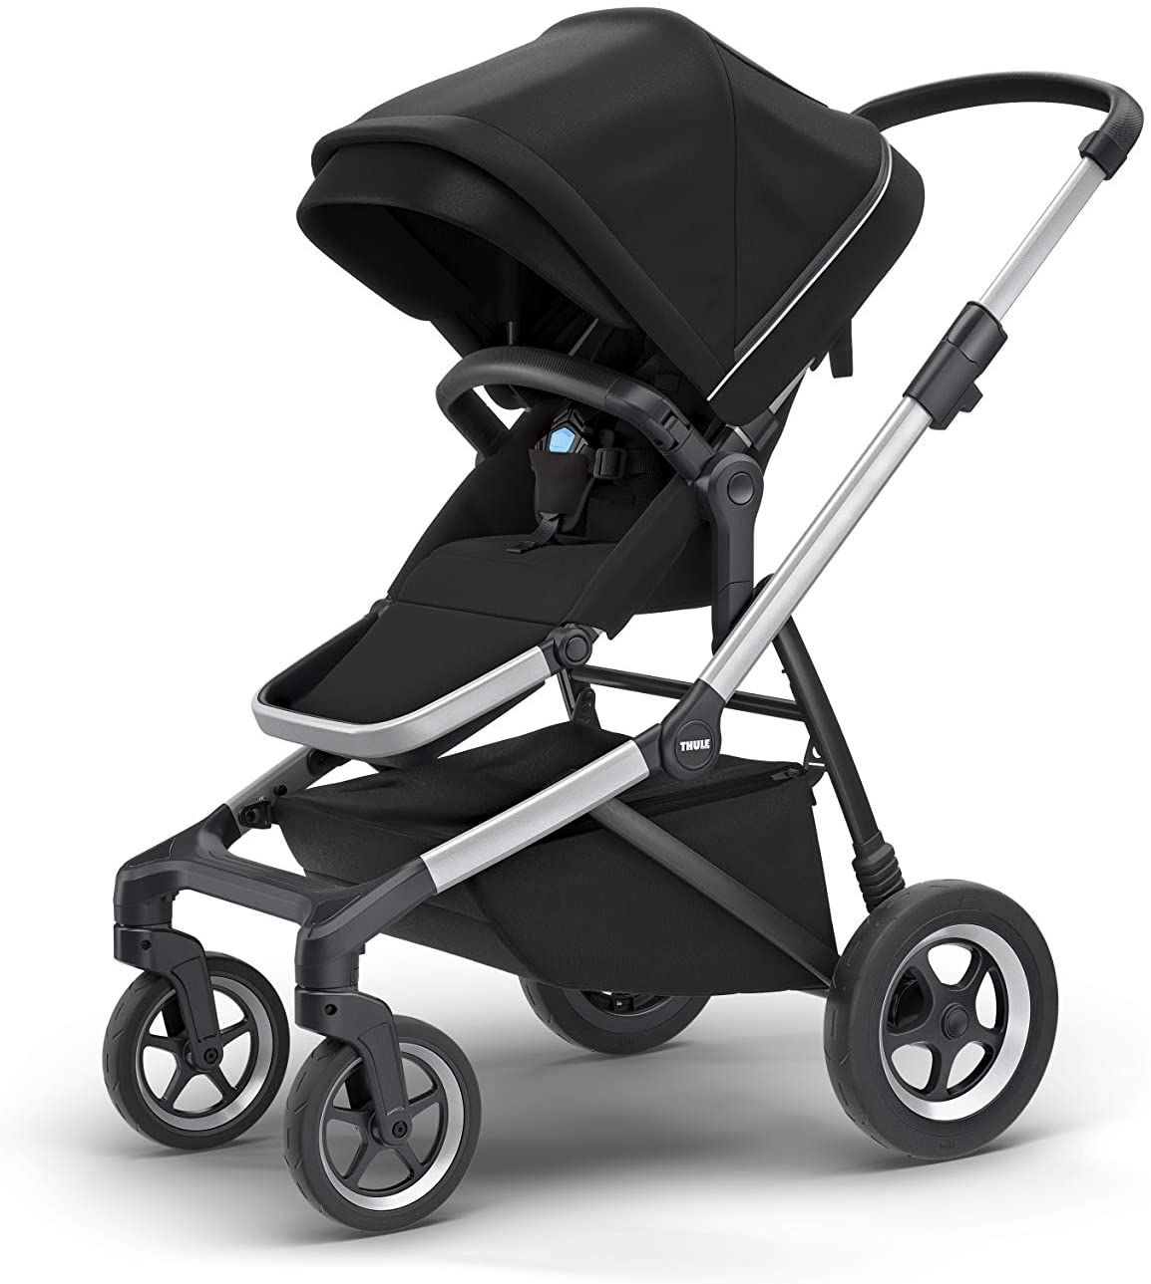 Image result for thule sleek stroller